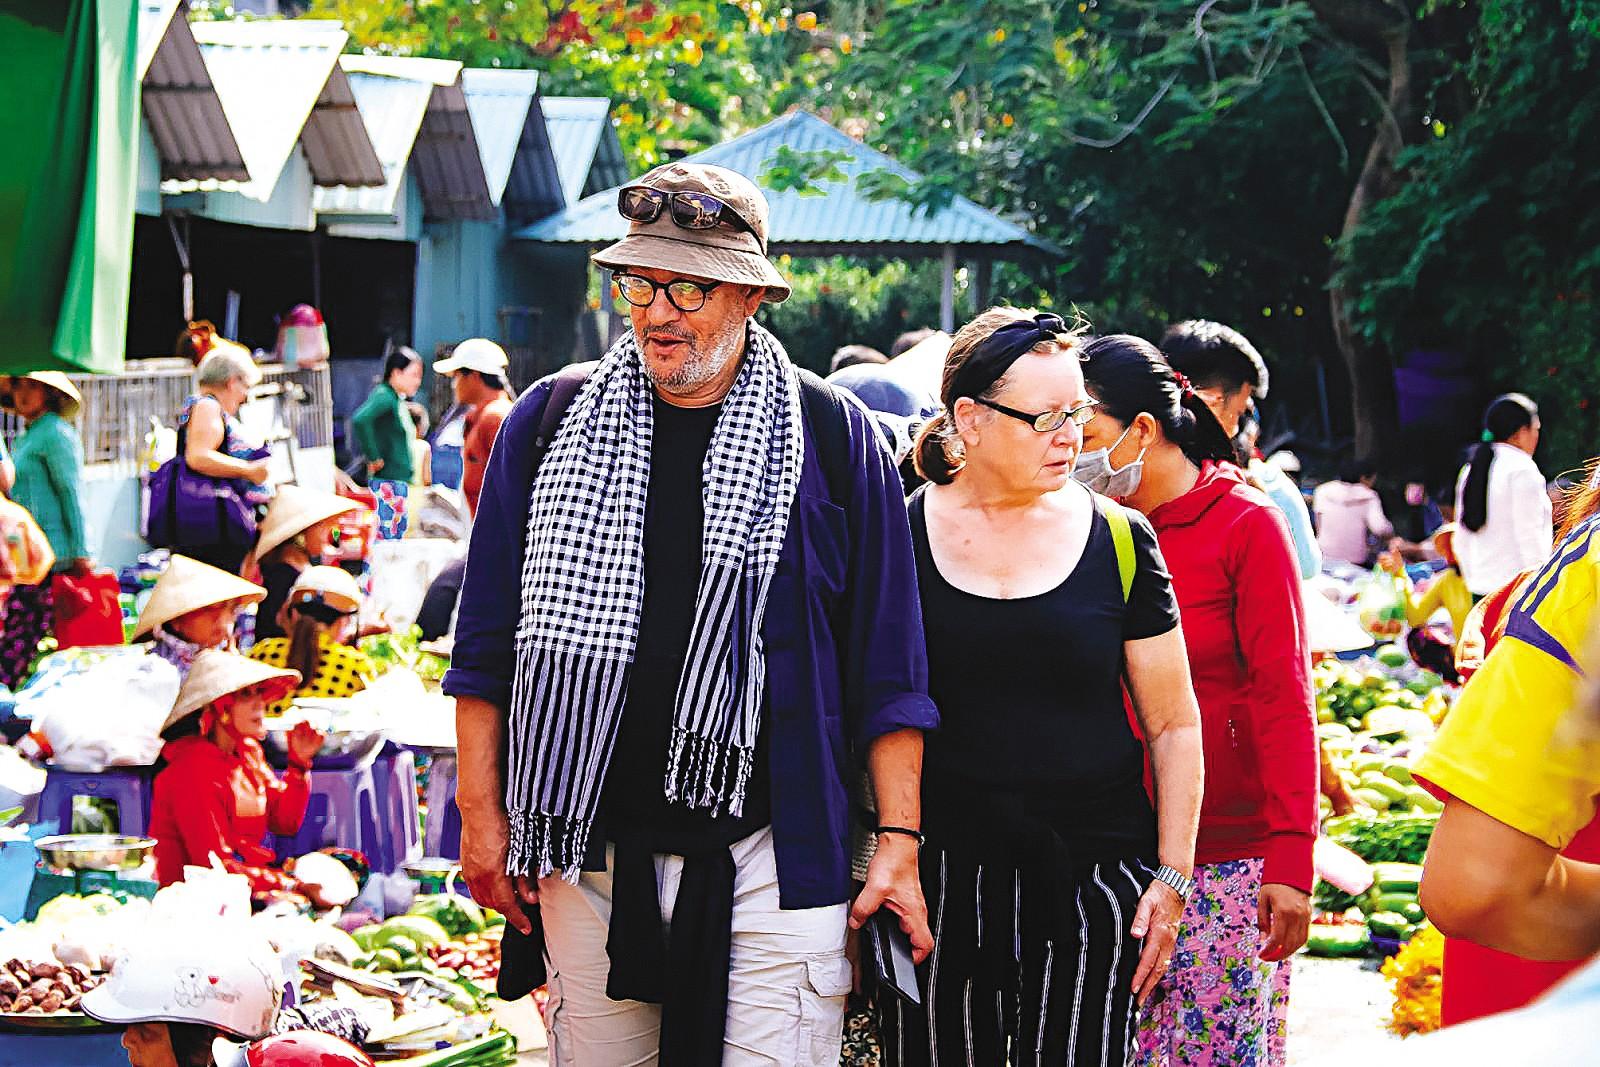 Cần Thơ được rất đông du khách quốc tế lựa chọn trải nghiệm, tham quan. Trong ảnh: Khách nước ngoài tham quan chợ An Bình, quận Ninh Kiều.